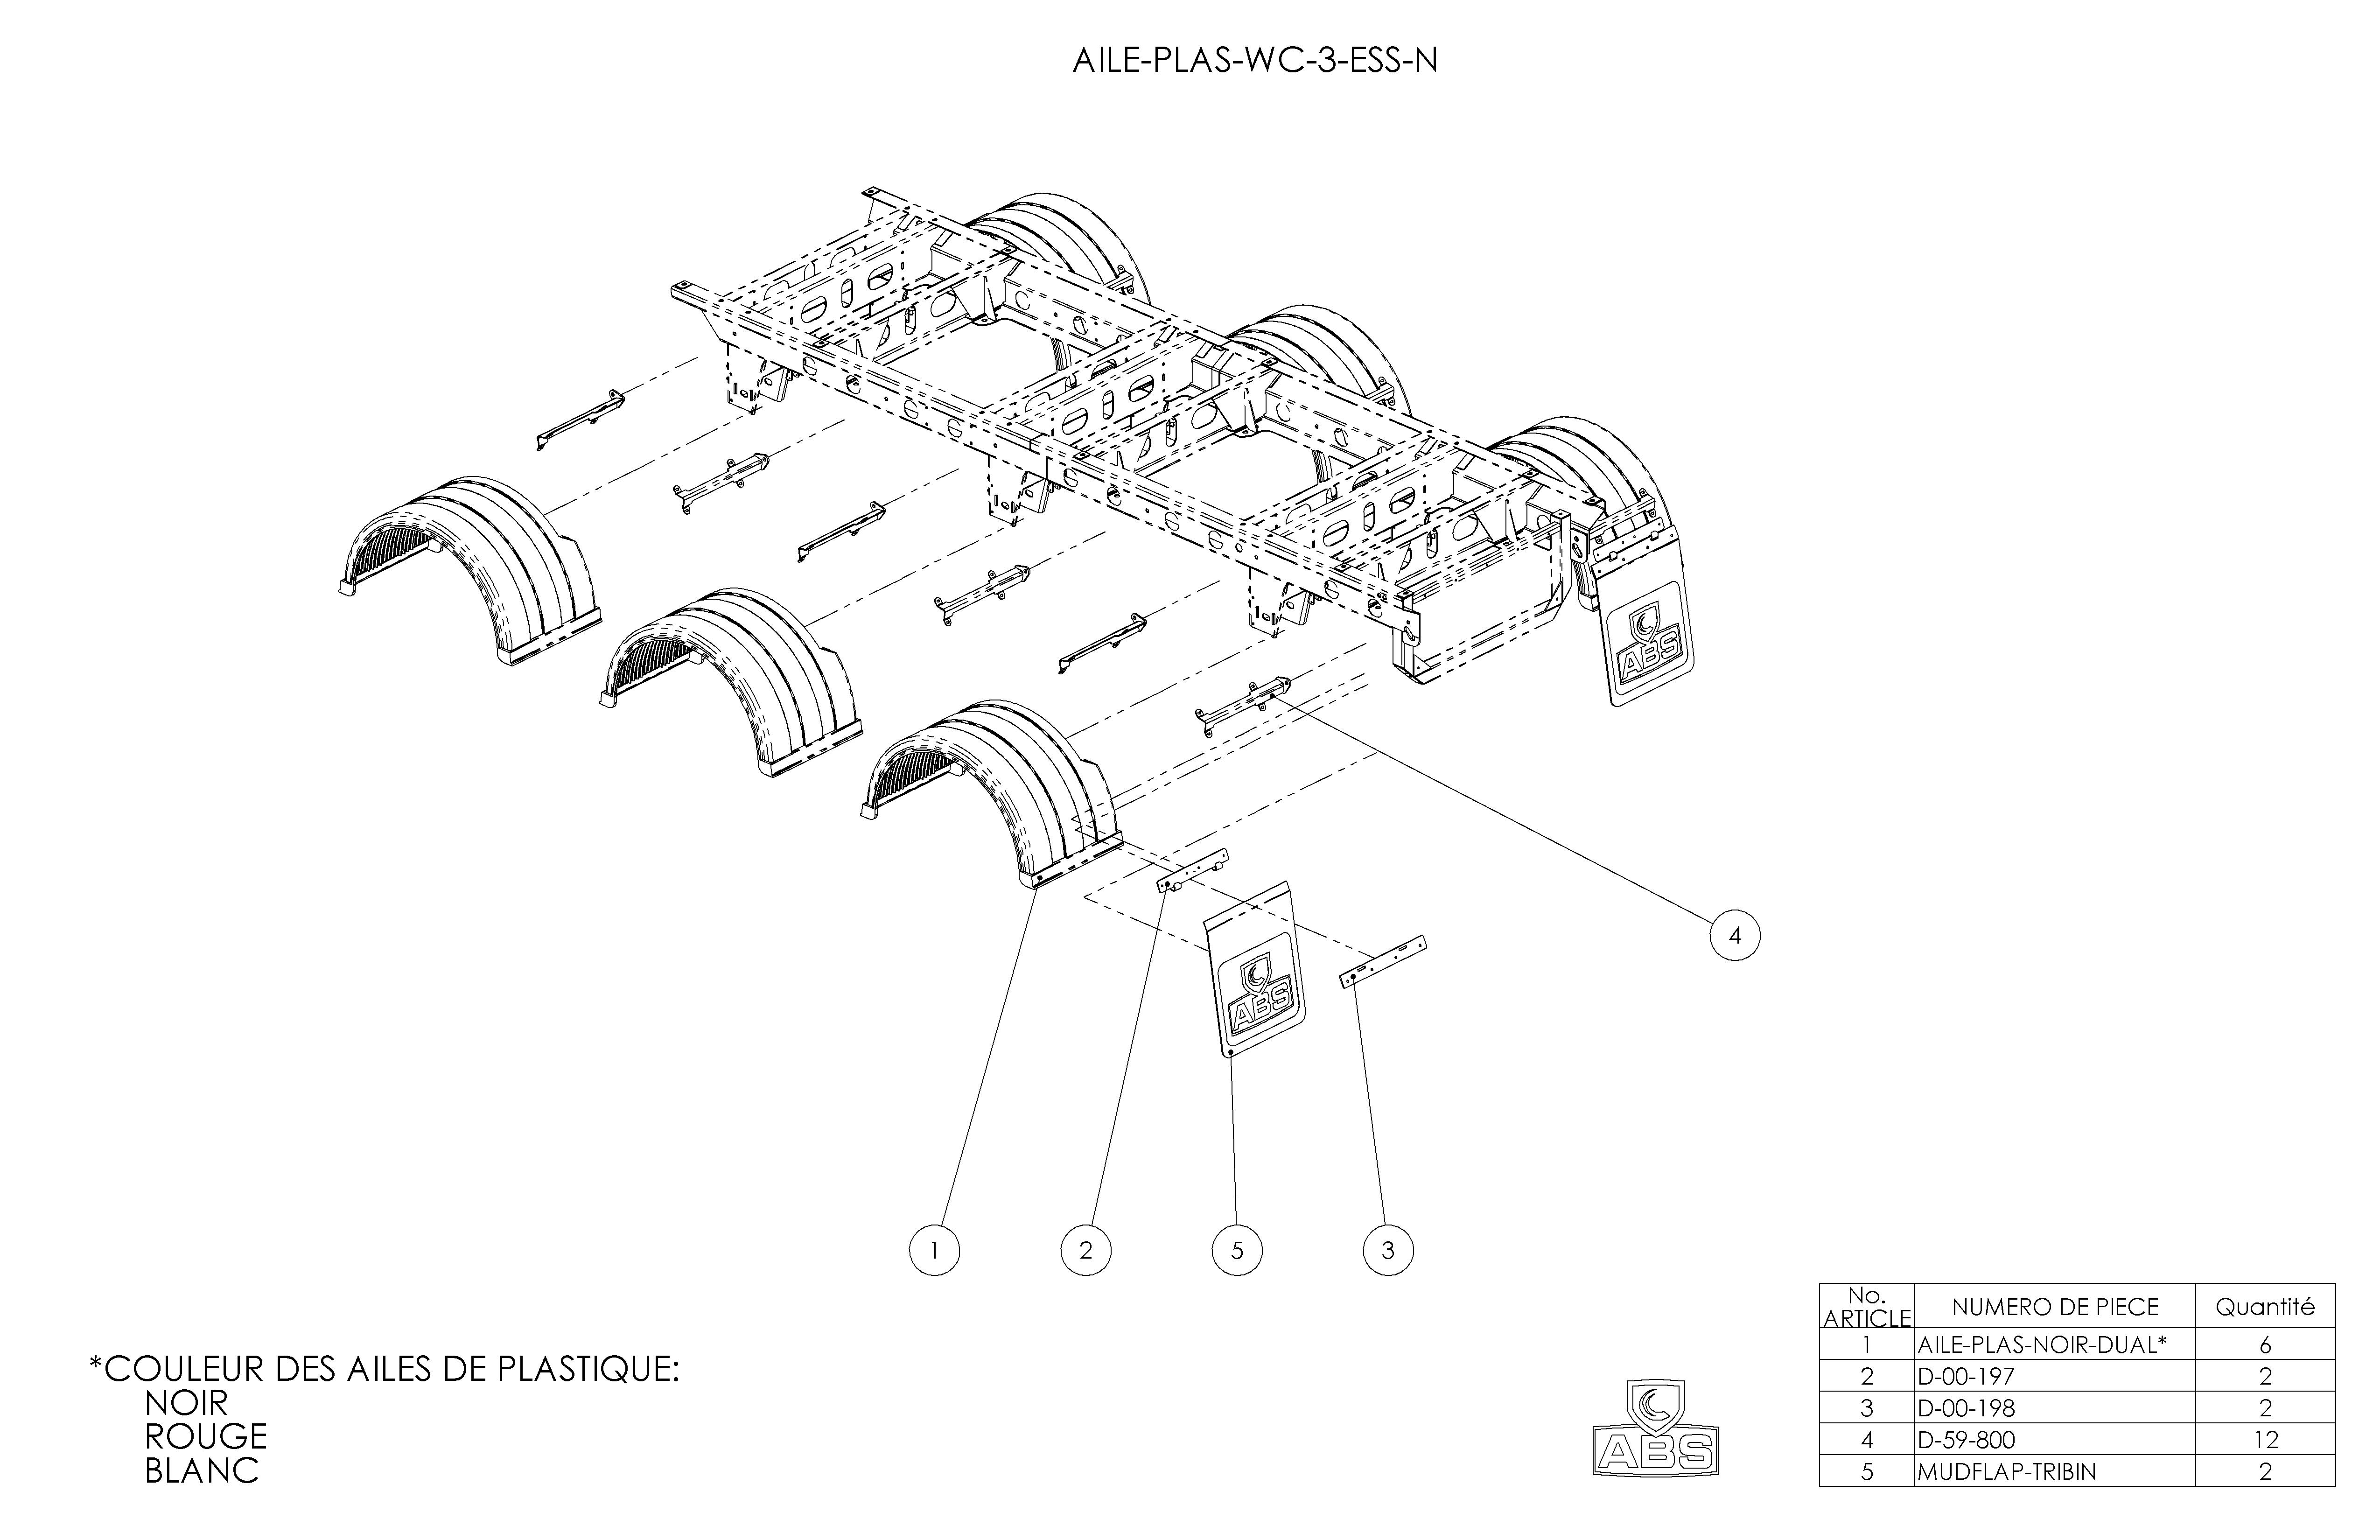 remorques-abs-fiche-technique-ailes-plastique-wc-3-essieux-n